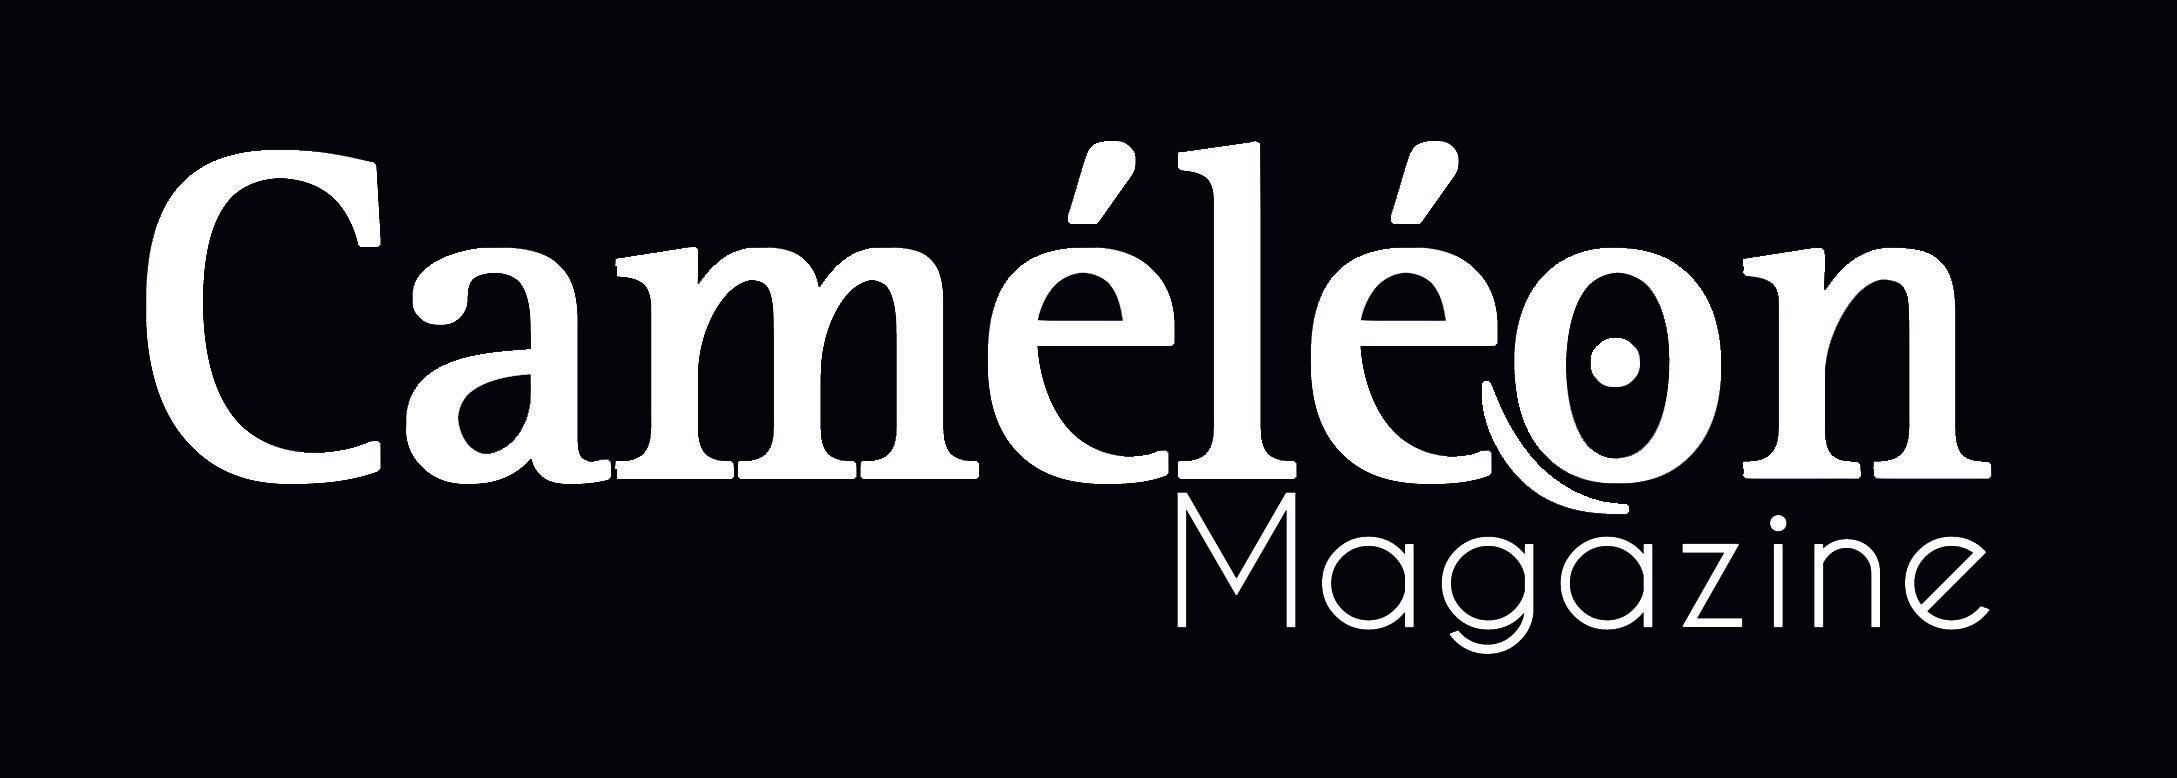 Caméléon Magazine pays basque